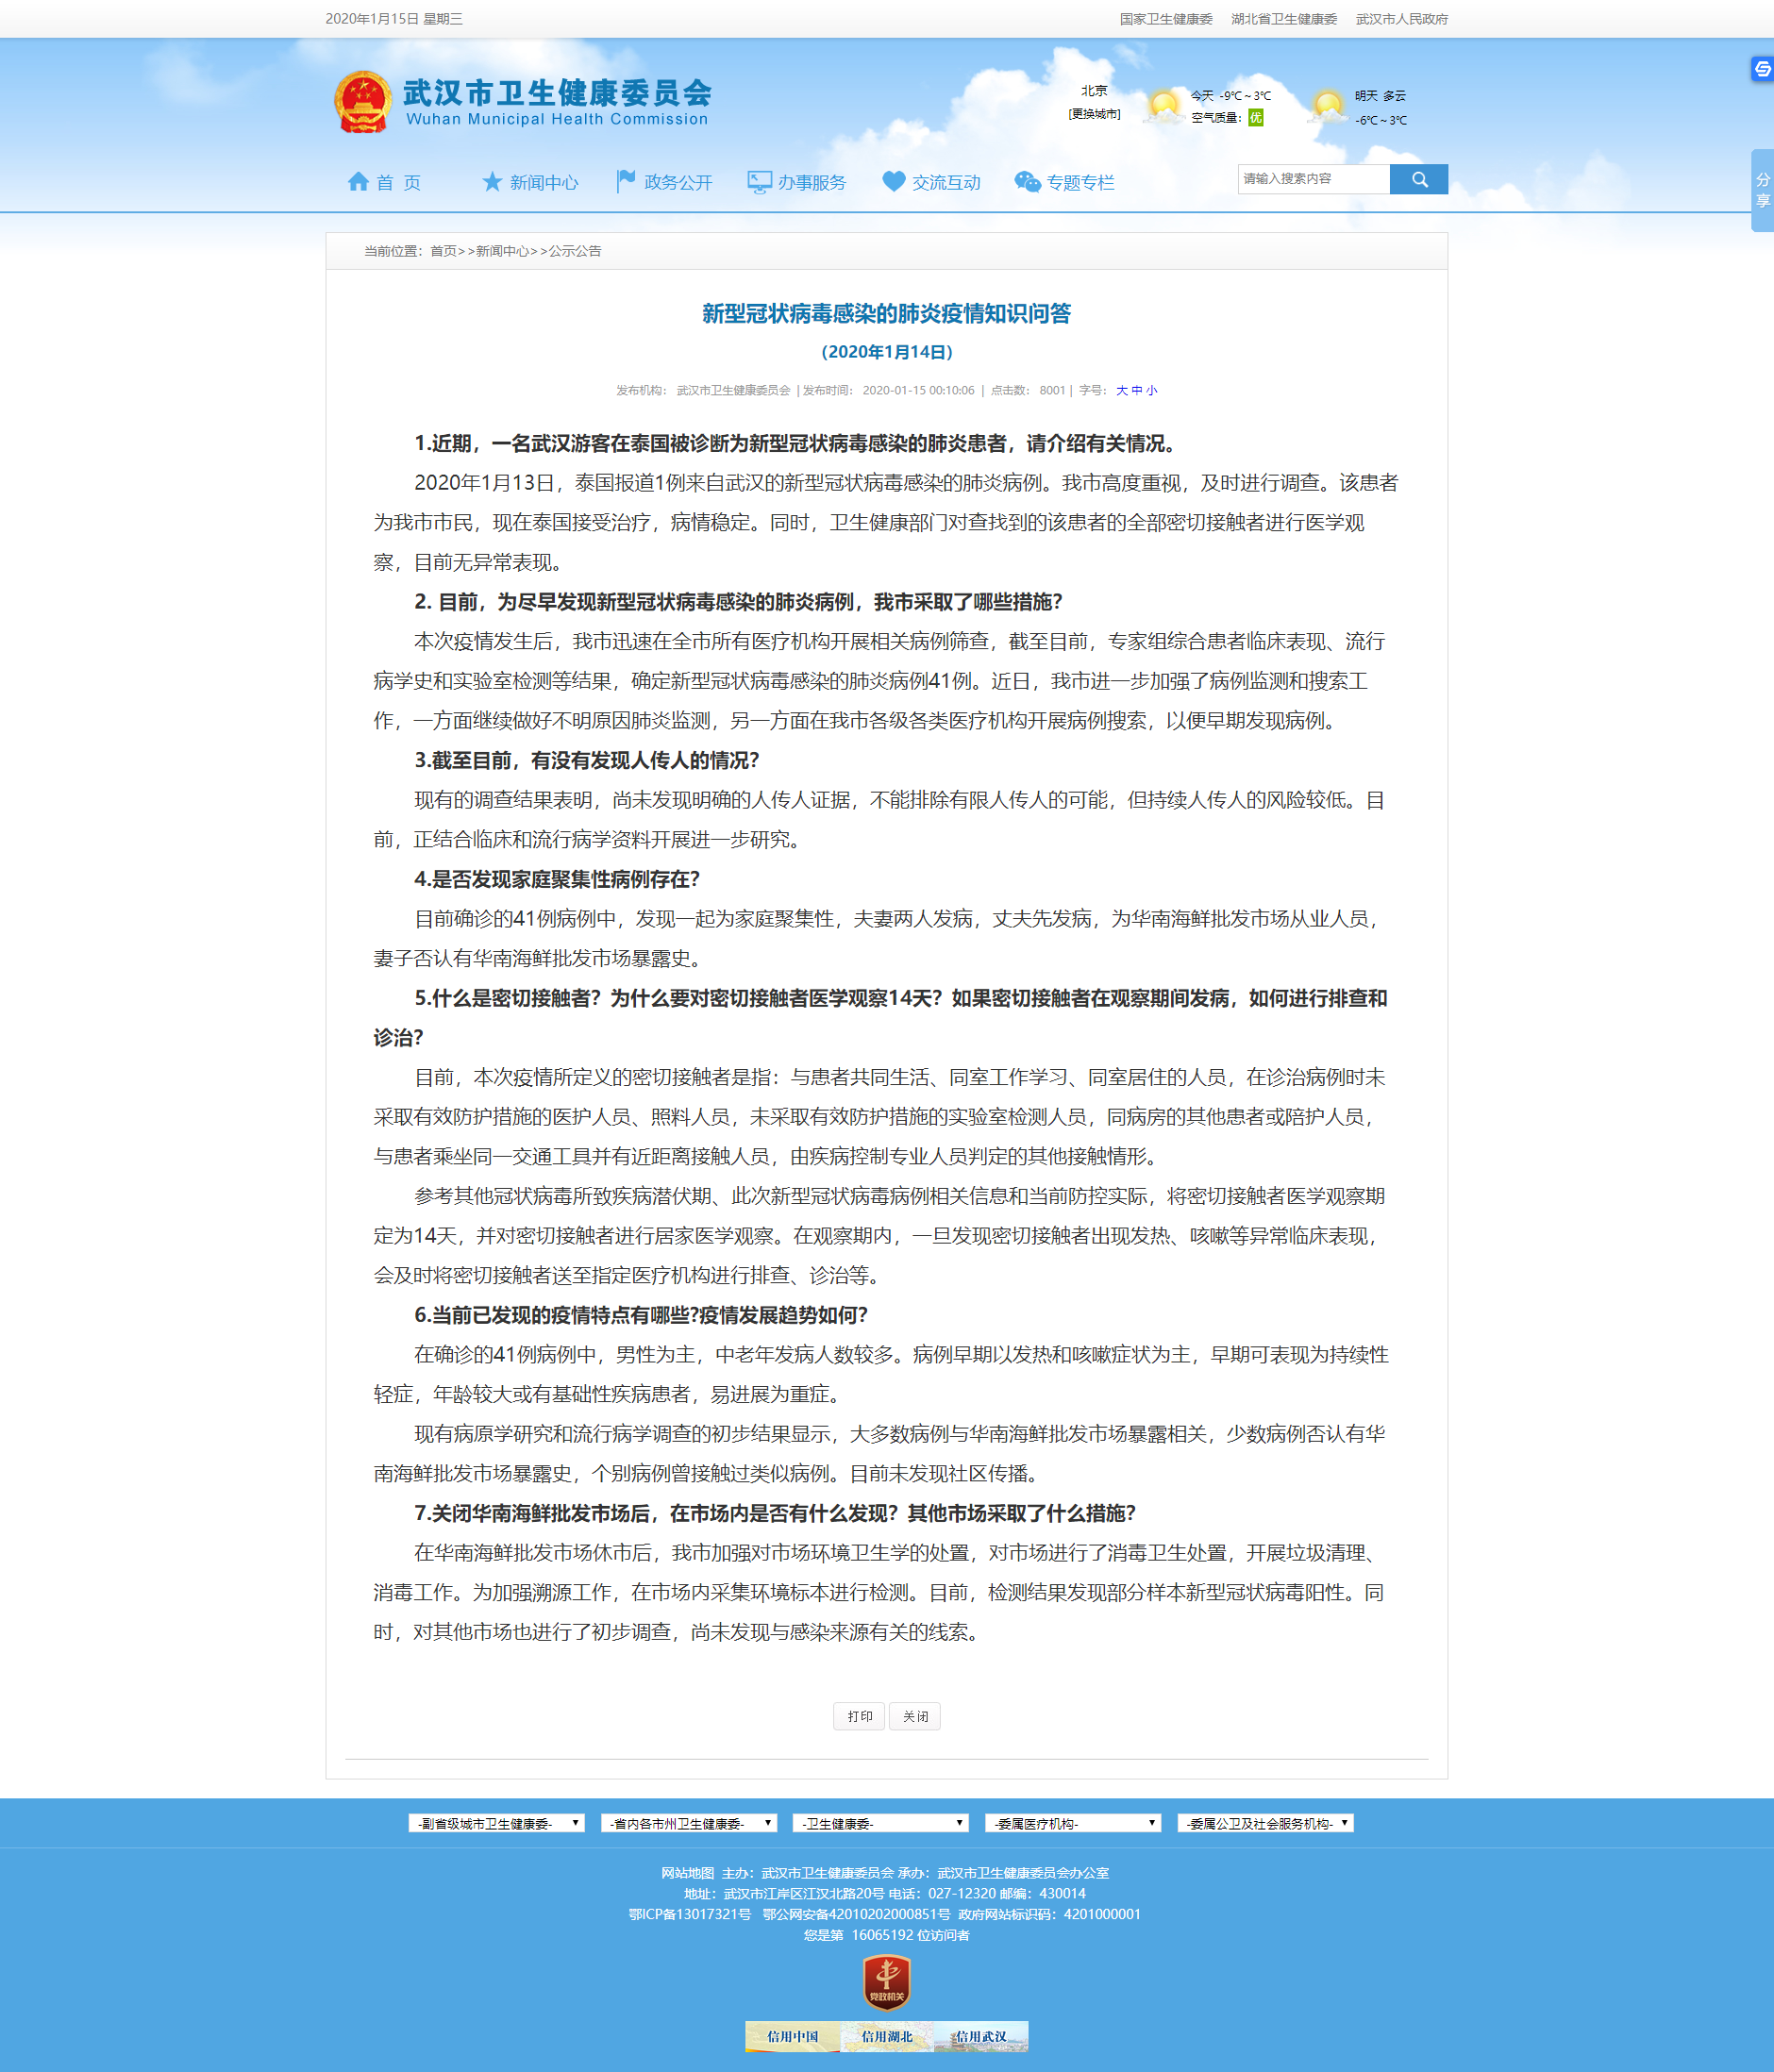 武汉市卫生健康委员会